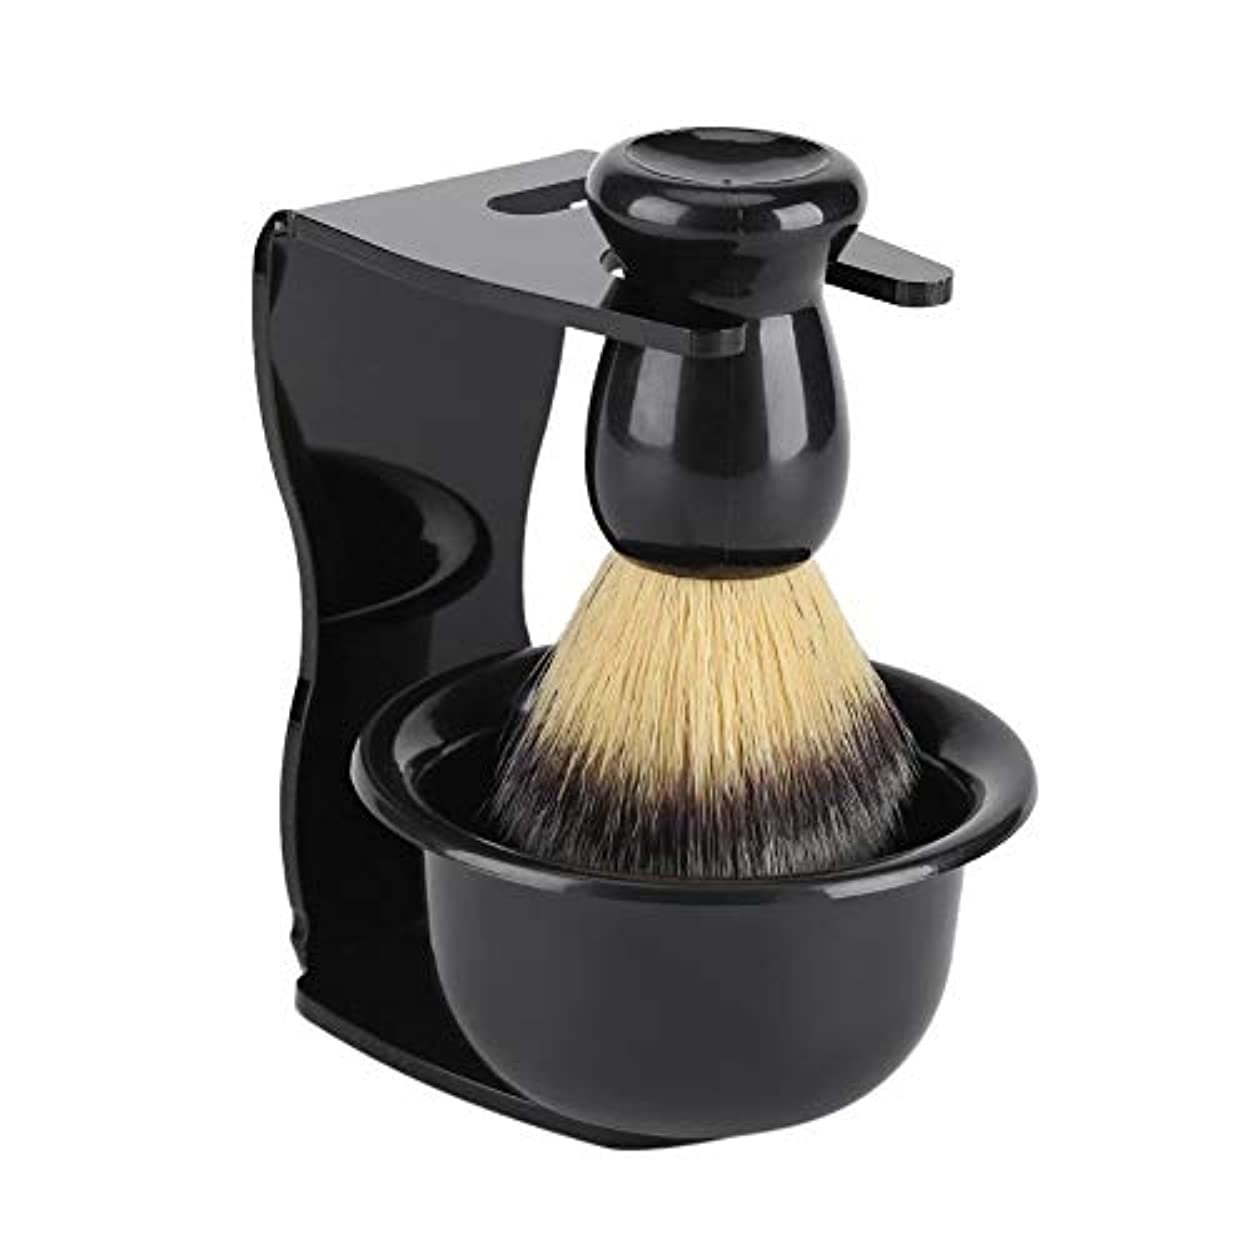 十分に従う終了しました3セットひげブラシ シェービングブラシ プレゼントシェービングブラシセット プラシスタンド 石鹸ボウル 理容 洗顔 髭剃り